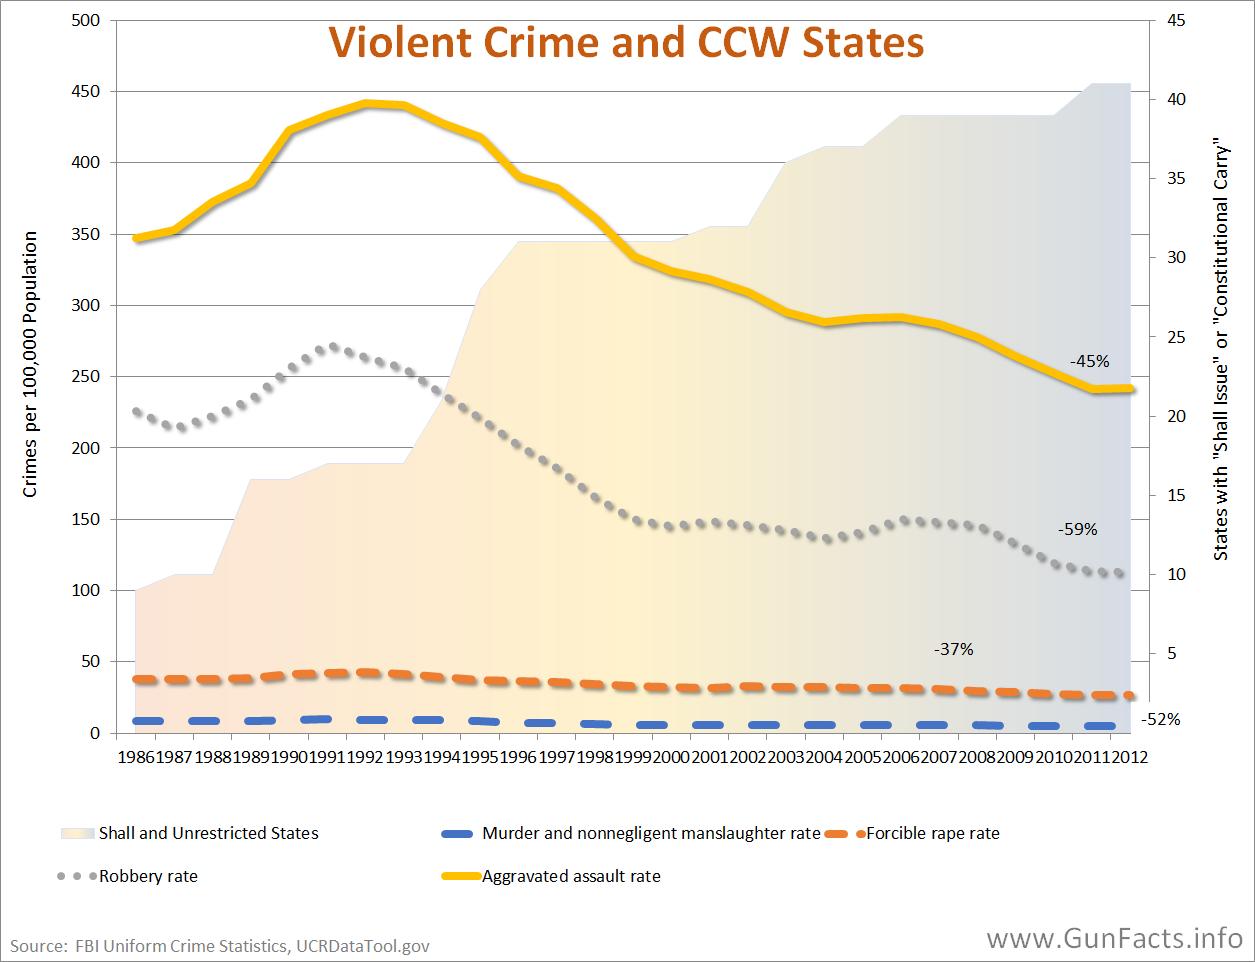 Ccw States Vs Violent Crime 1986 Through 2012